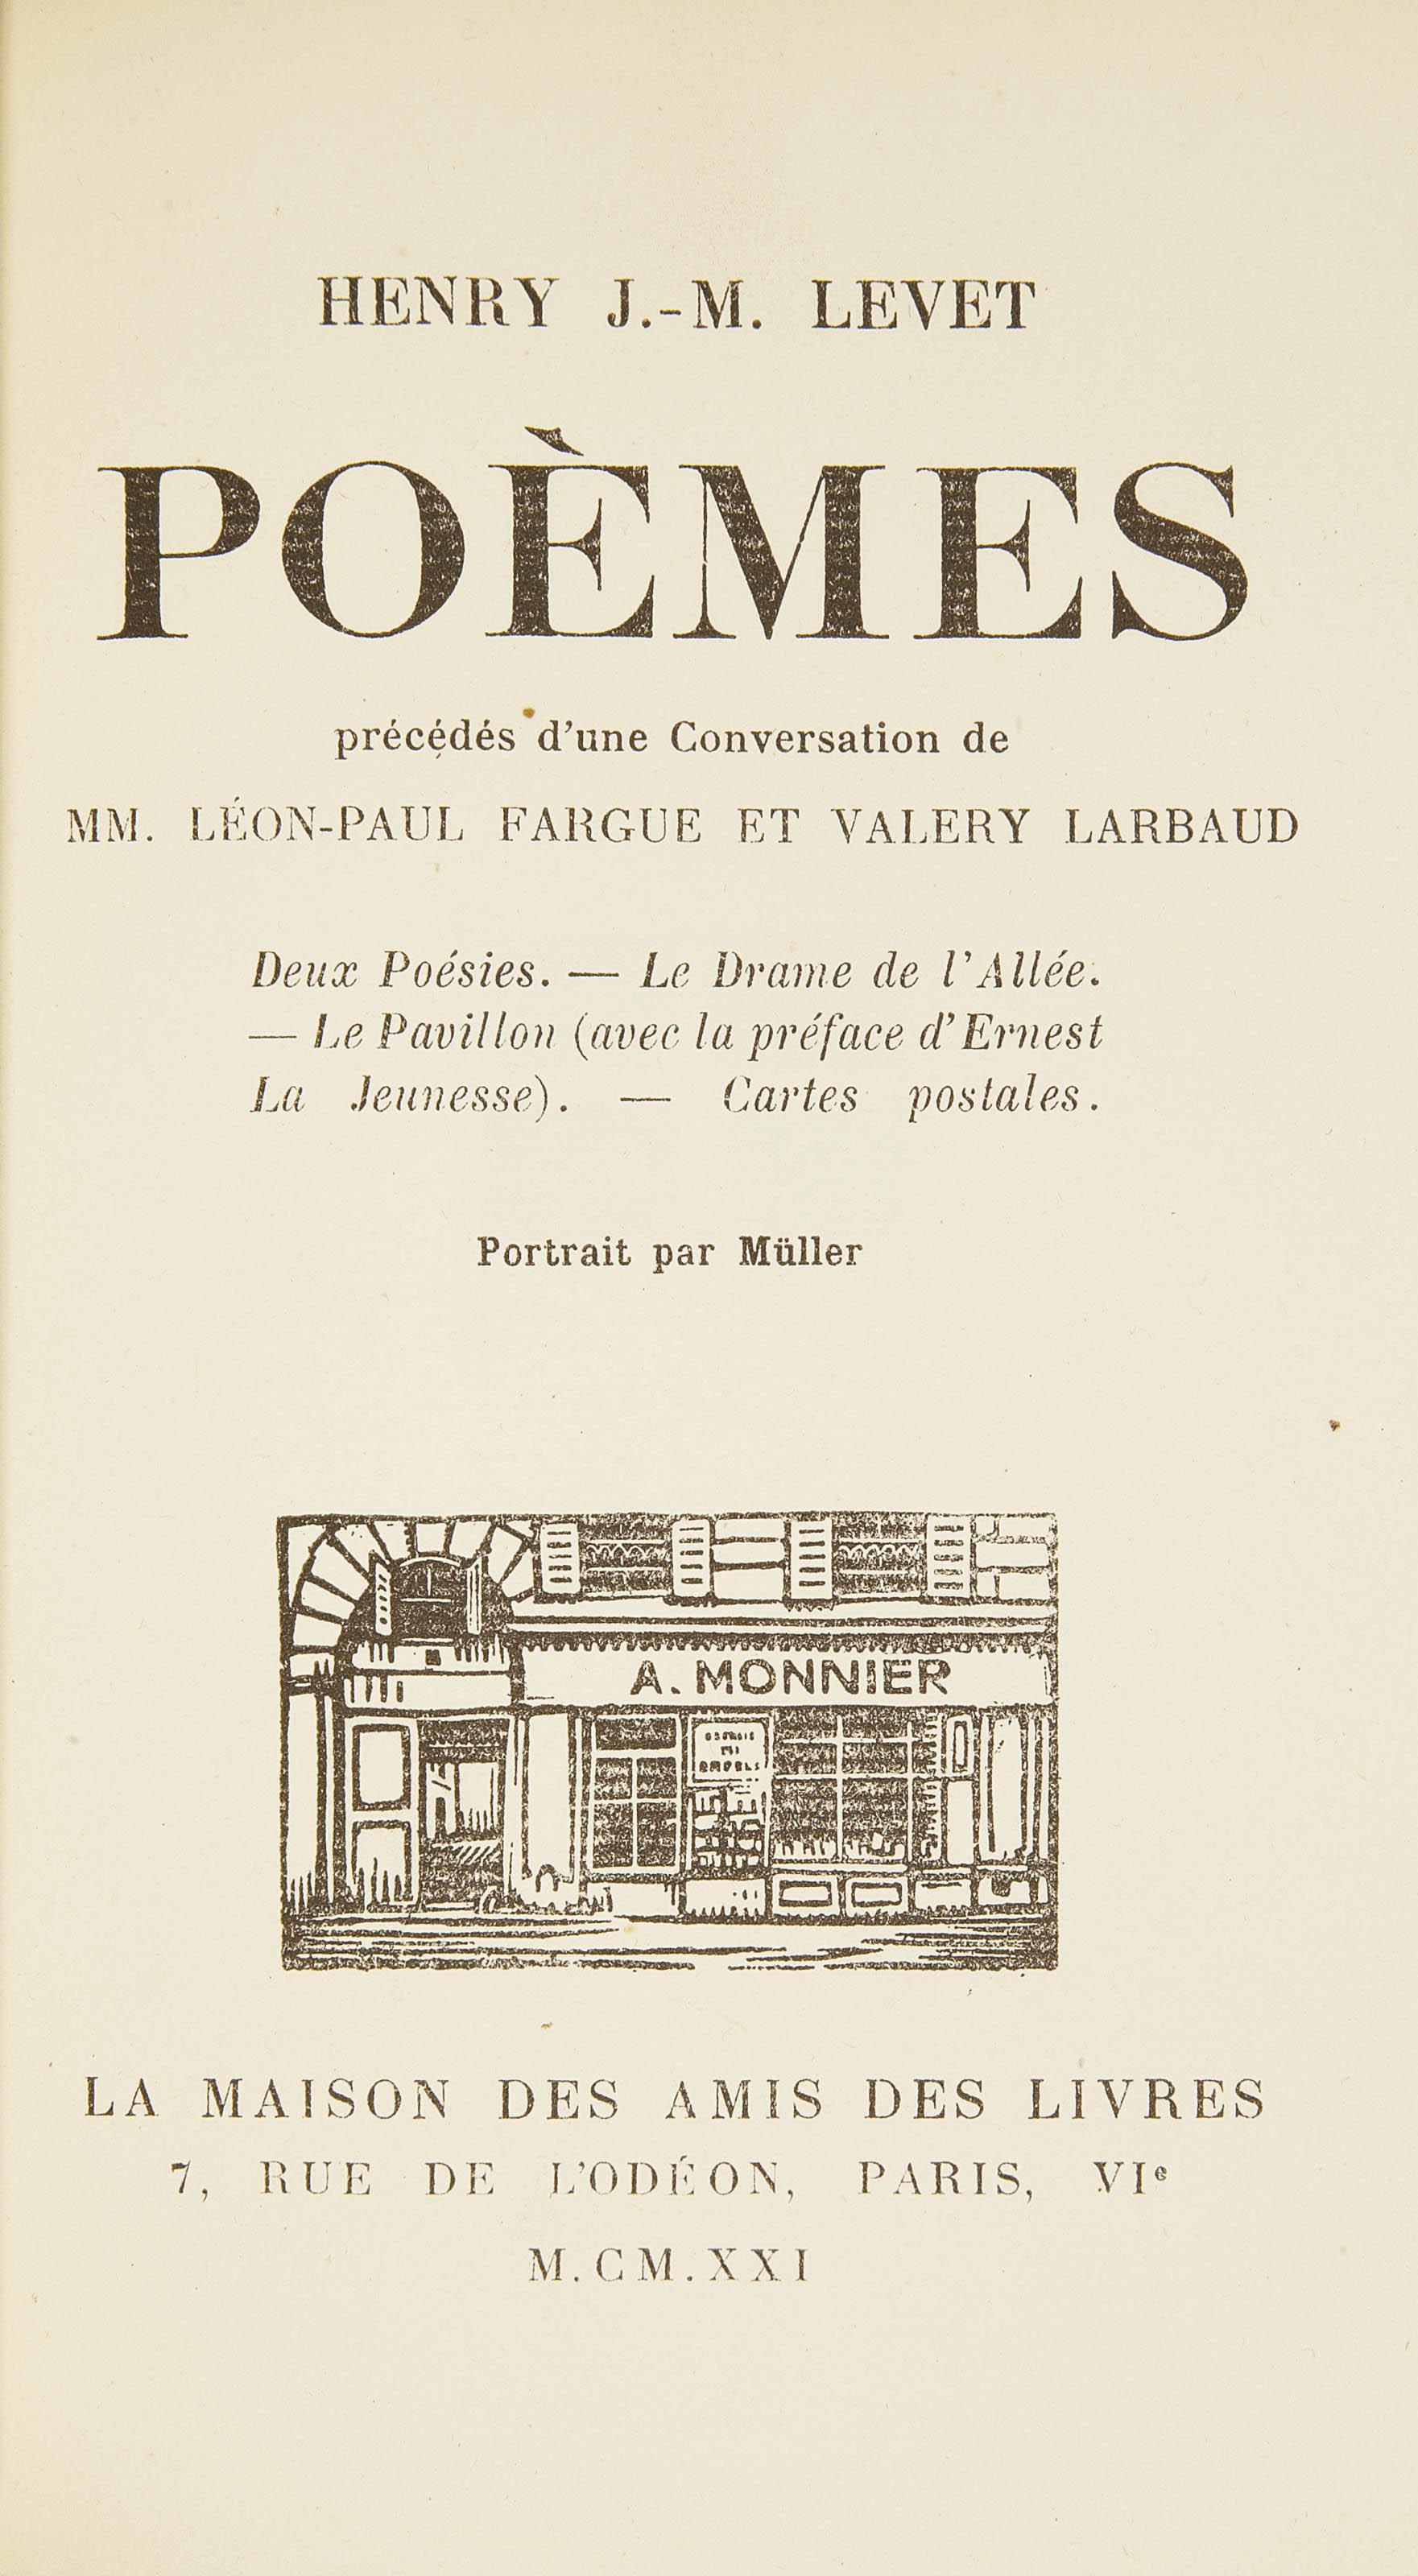 LEVET, Henry J.-M. (1874-1906). Poèmes, précédées d'une conversation de MM. Léon-Paul Fargue et Valéry Larbaud. Paris: Maurice Darantière pour La maison des amis des livres, 1921.